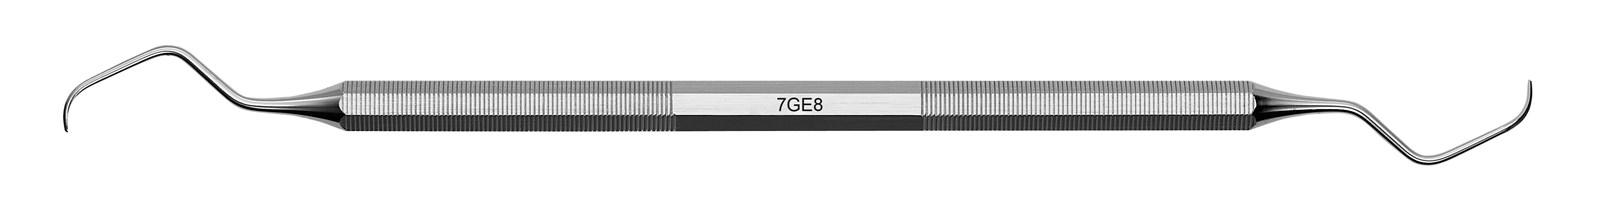 Kyreta Gracey Classic - 7GE8, ADEP silikonový návlek fialový